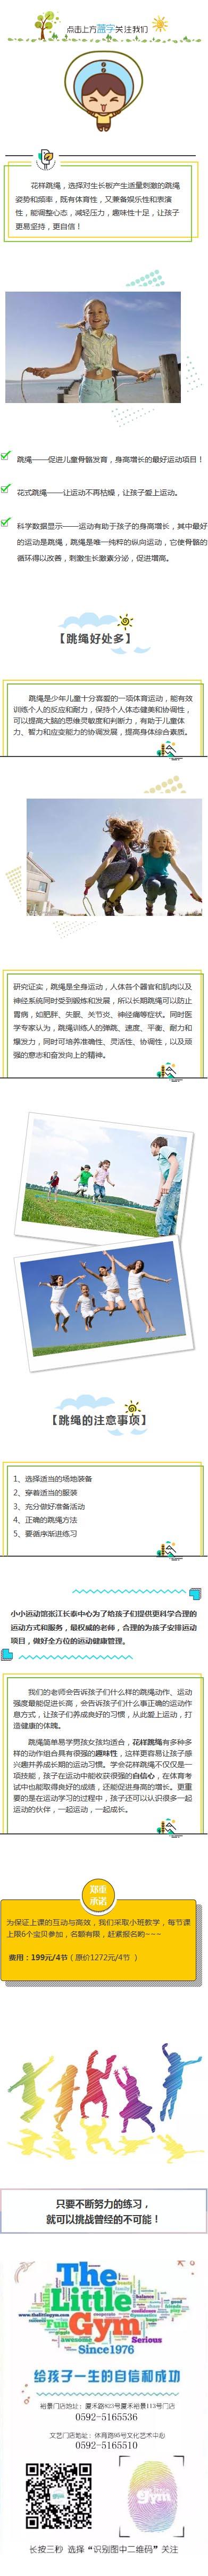 花样跳绳盛运动学校校园风格多彩活泼